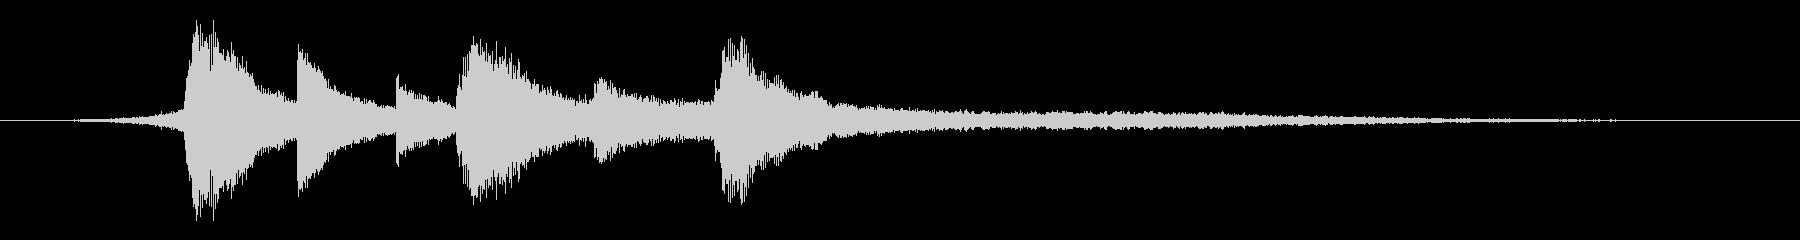 都会的で透明感のあるピアノジングル 2の未再生の波形